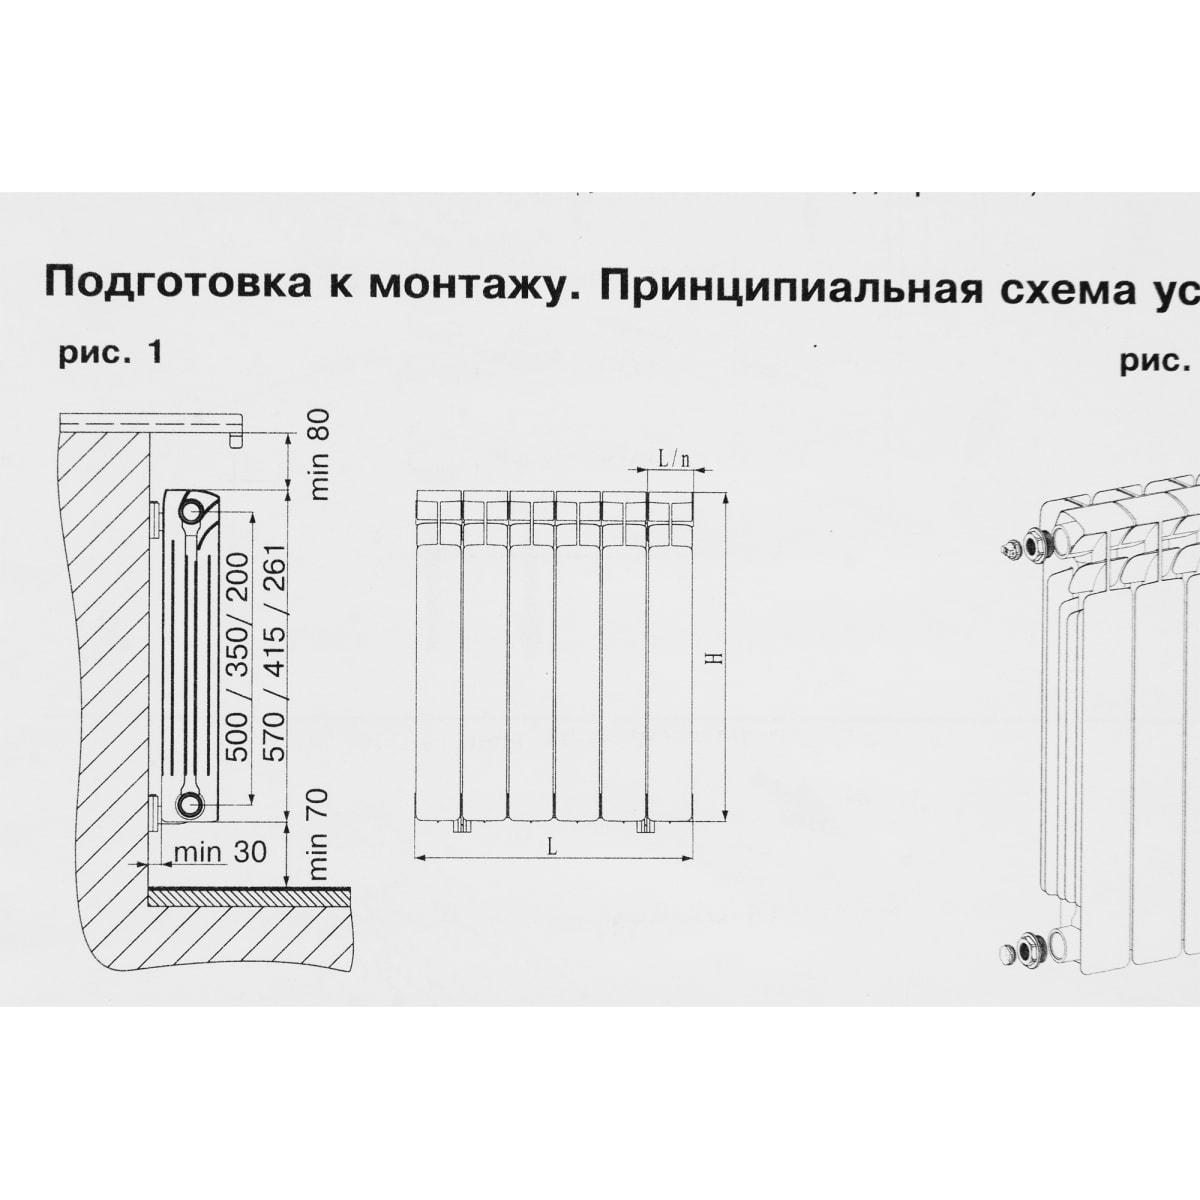 Характеристики алюминиевых радиаторов радиаторы отопления алюминий, параметры, сколько весит отопительный радиатор